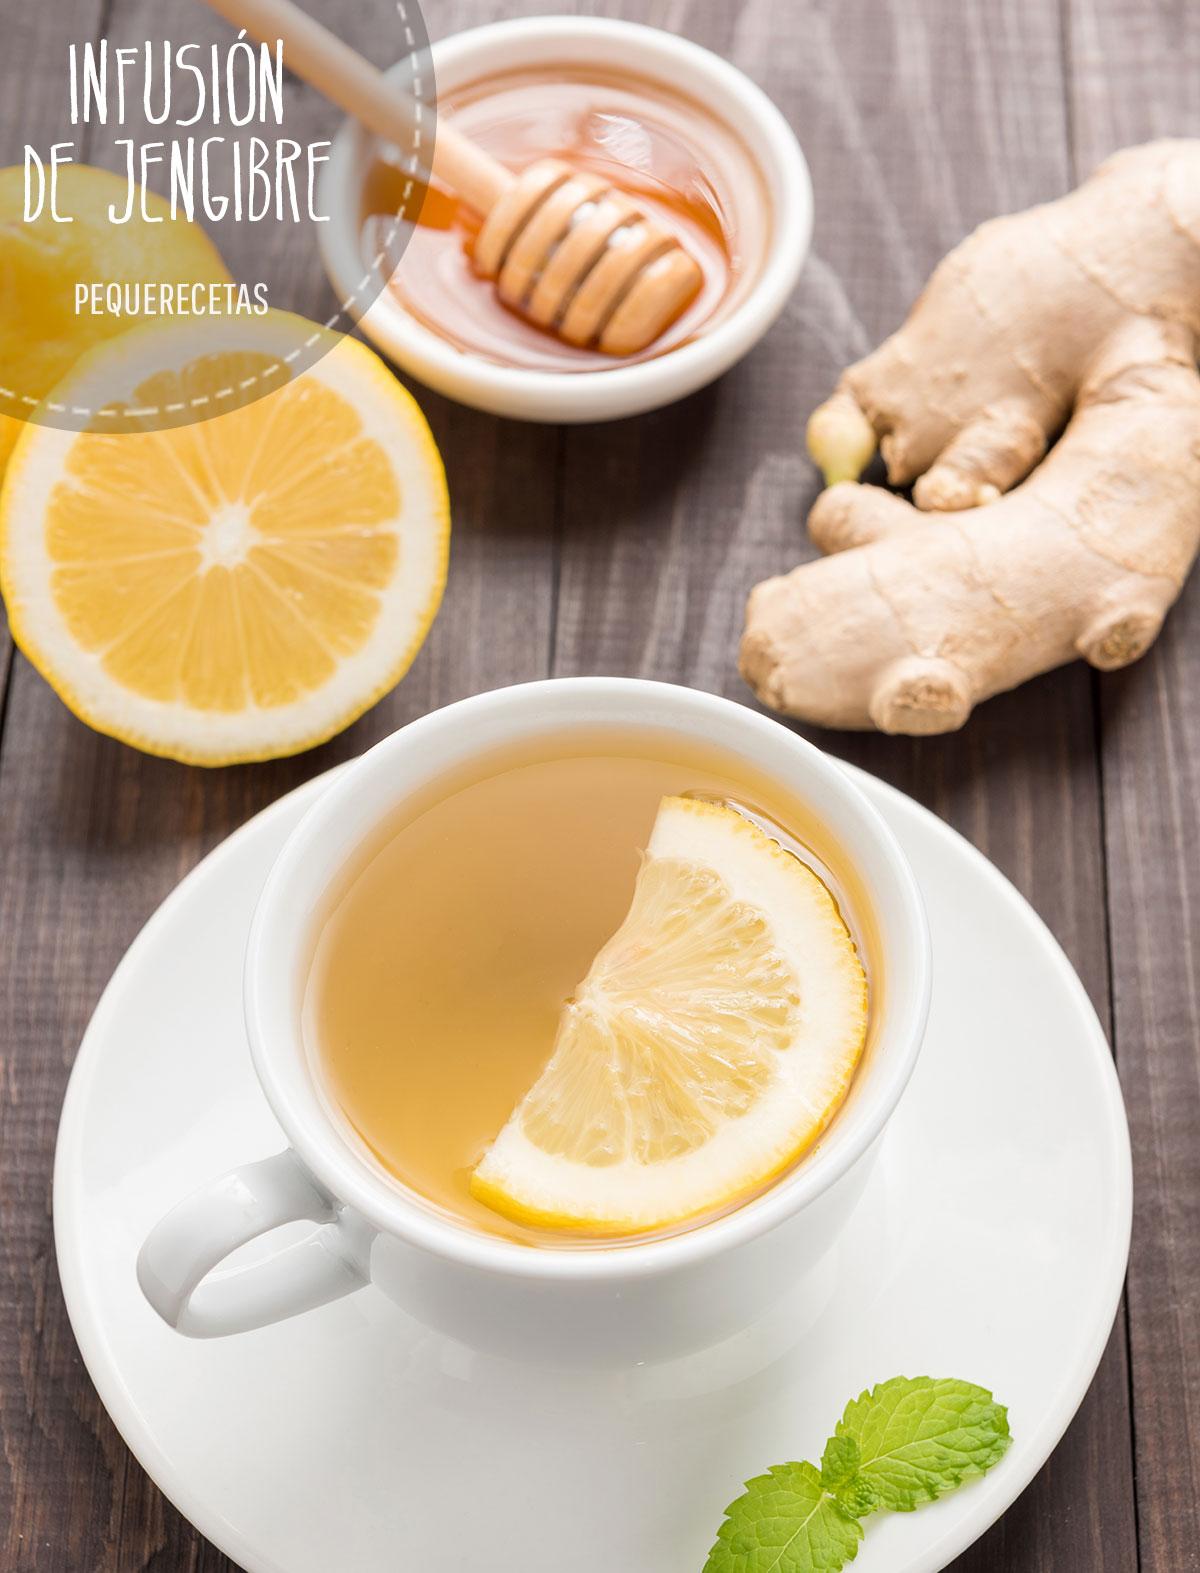 té de jengibre con limon y miel